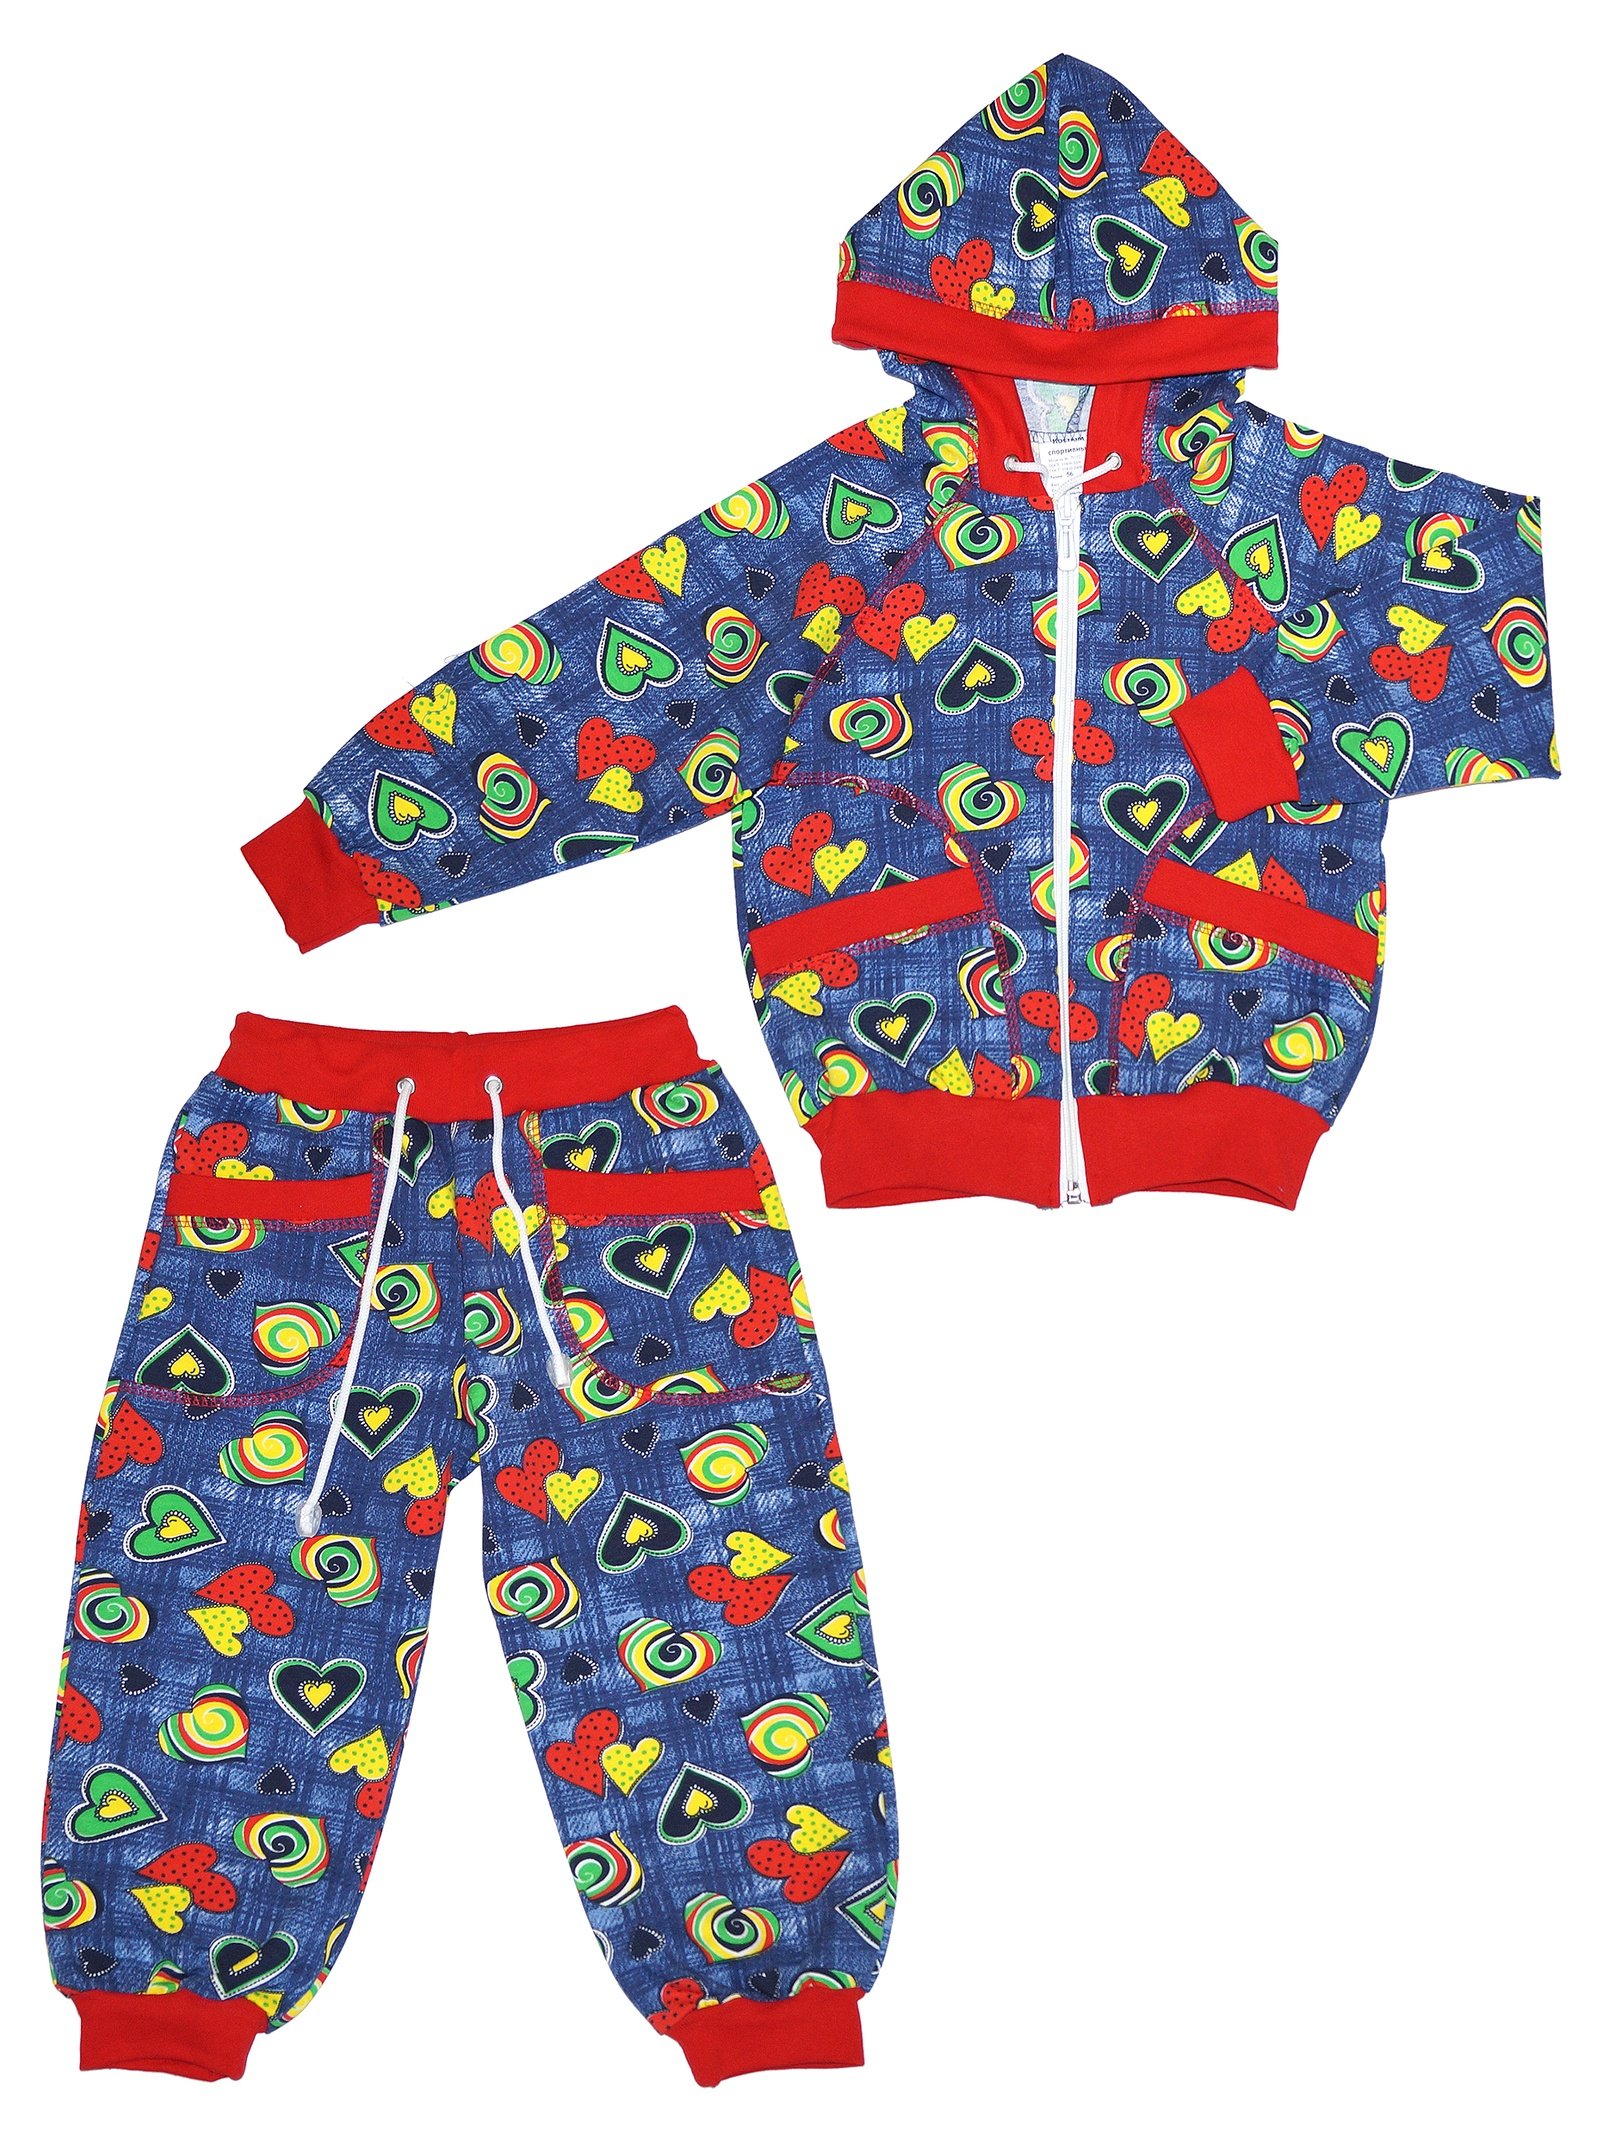 Комплект одежды Детская одежда одежда для новорожденных девочек фото